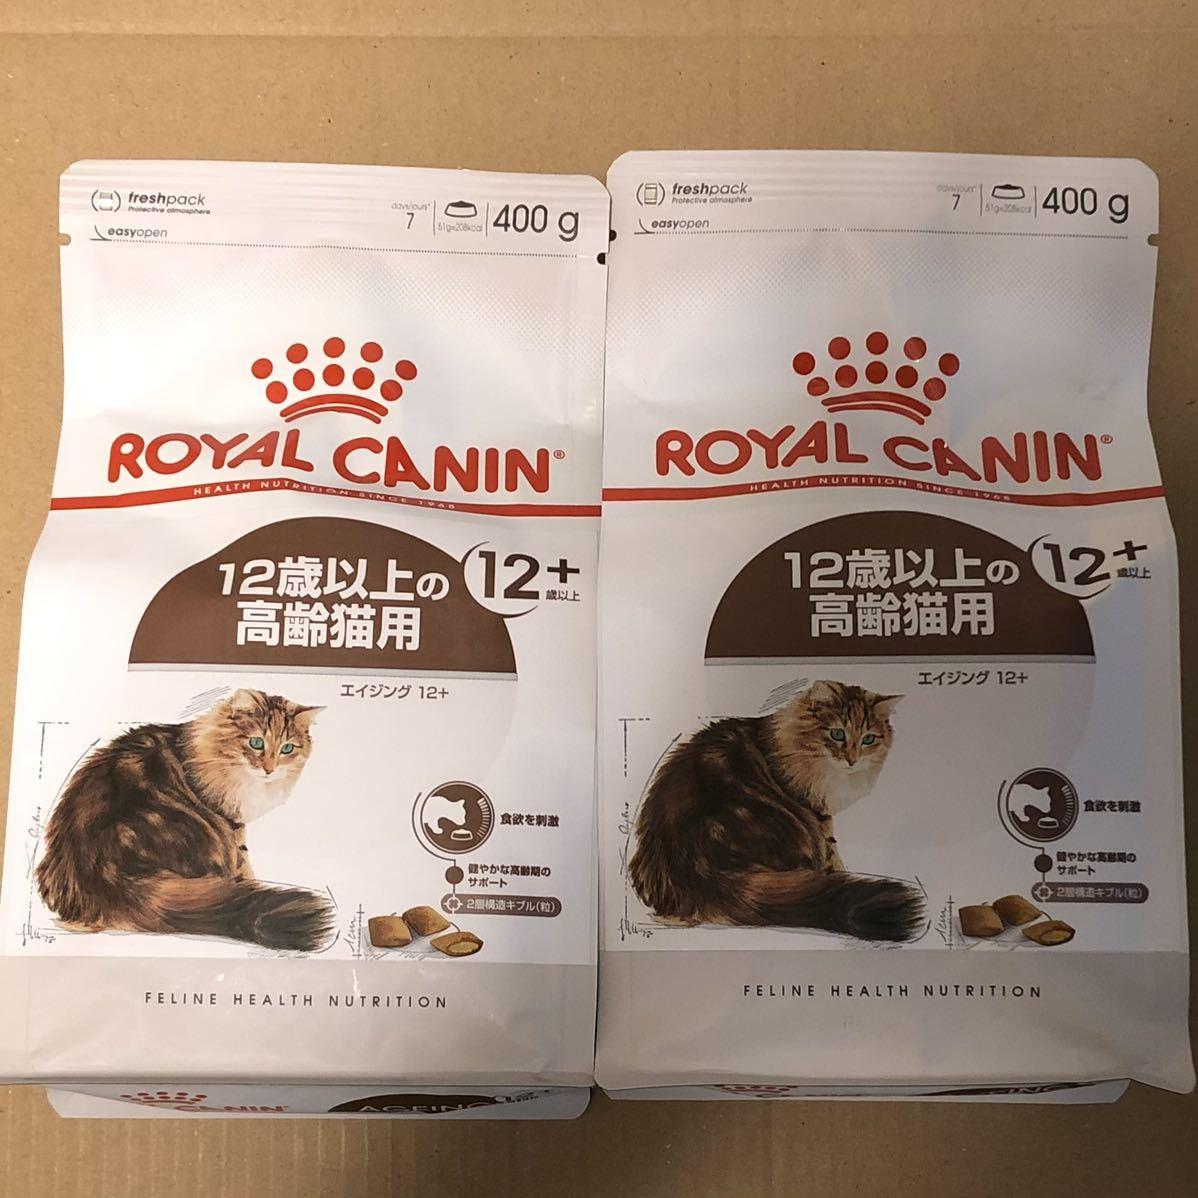 送料無料 ロイヤルカナン 12歳以上の高齢猫用 エイジング12+ 400g×2 老猫用ドライフード ロイカナ キャットフード 猫 シニア